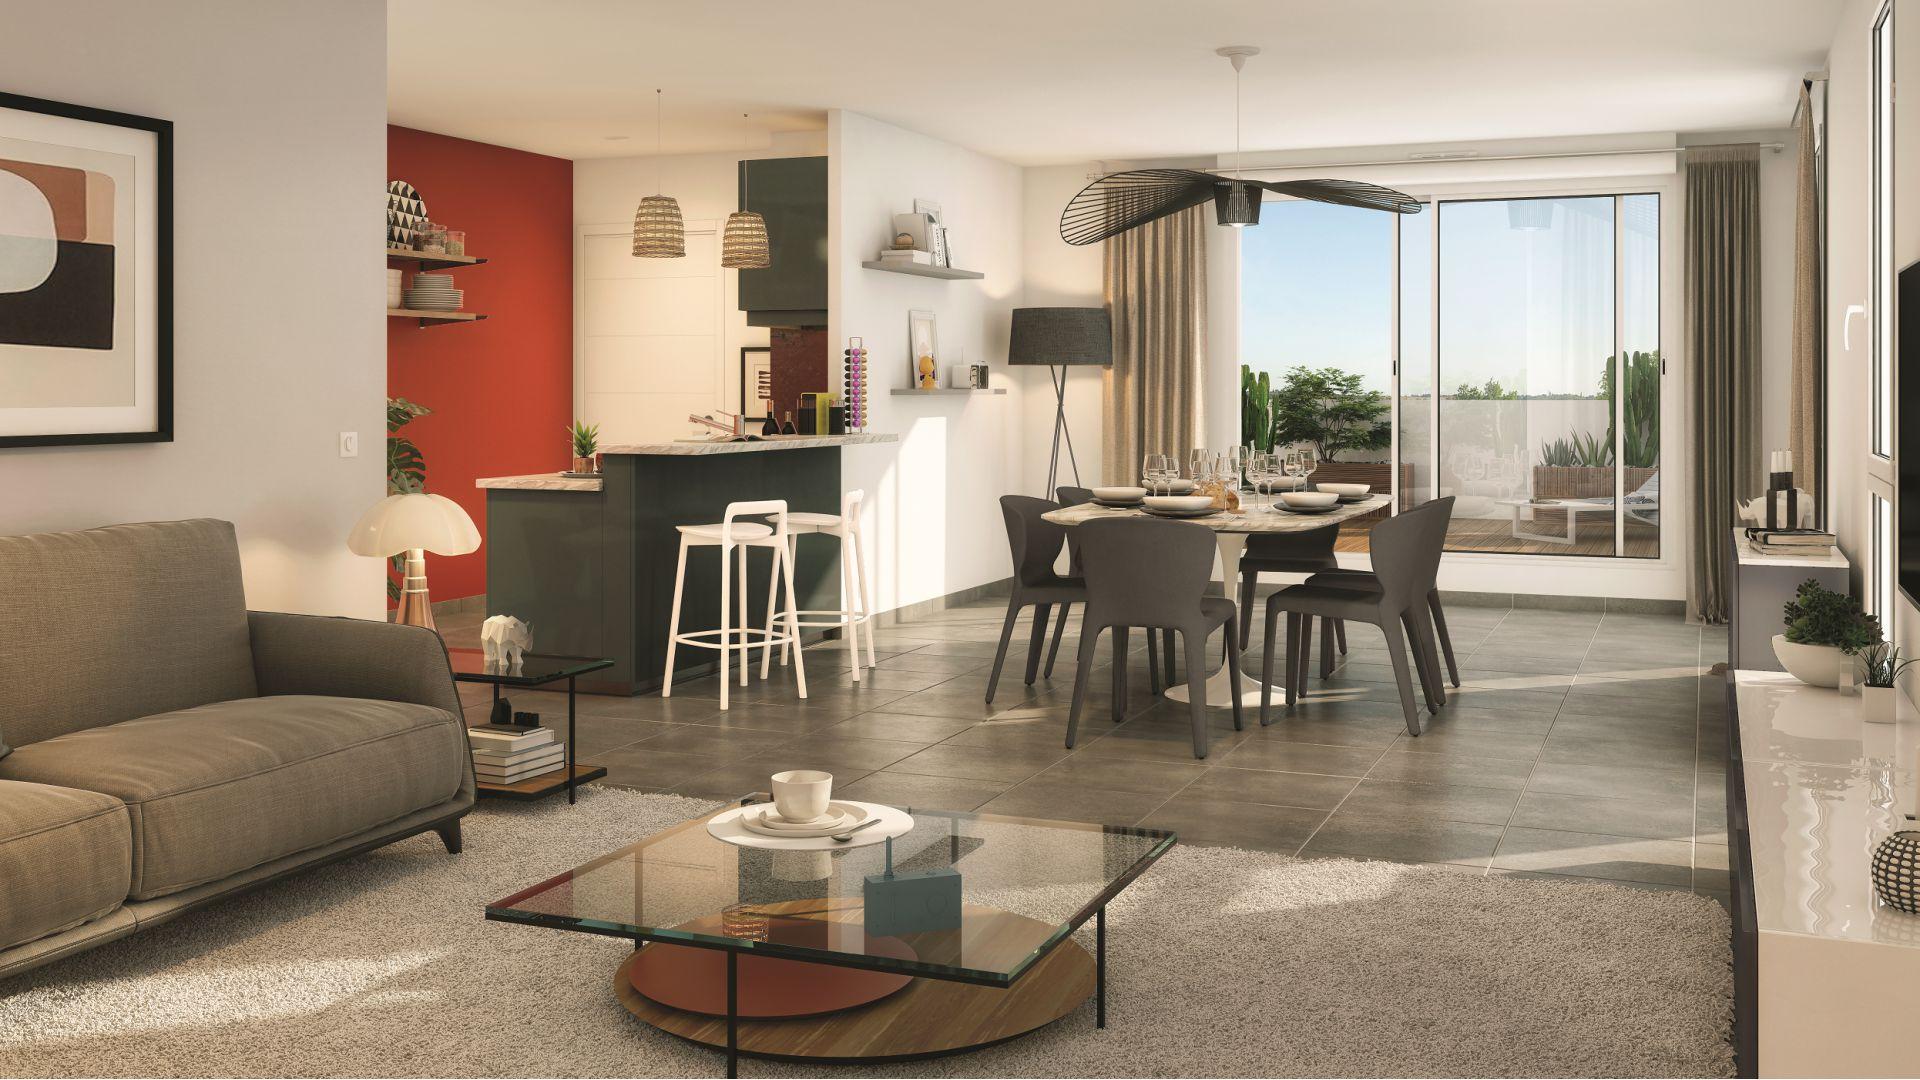 Greencity Immobilier - Résidence Coeur Floréal - 31200 Toulouse Minimes - appartements neufs du T1 au T4